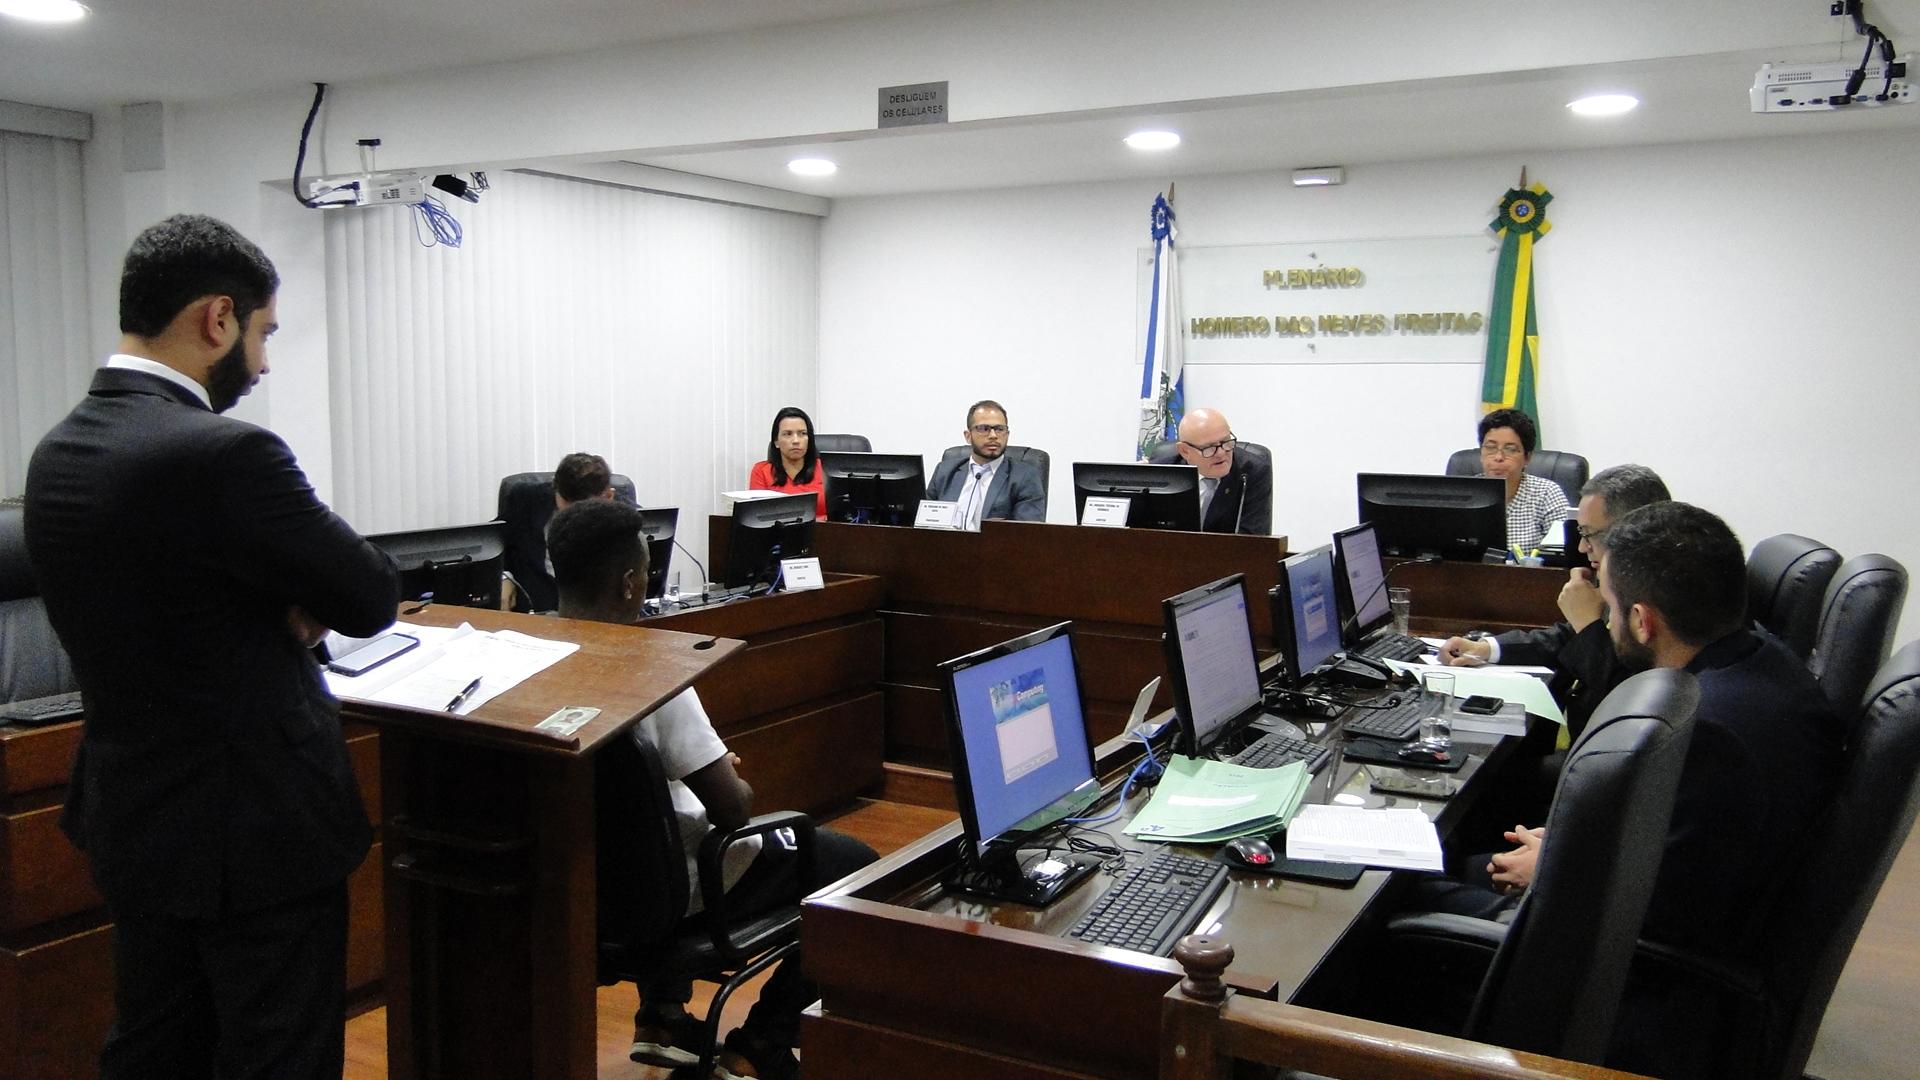 Michel e Sousa, do Botafogo, são punidos com um jogo